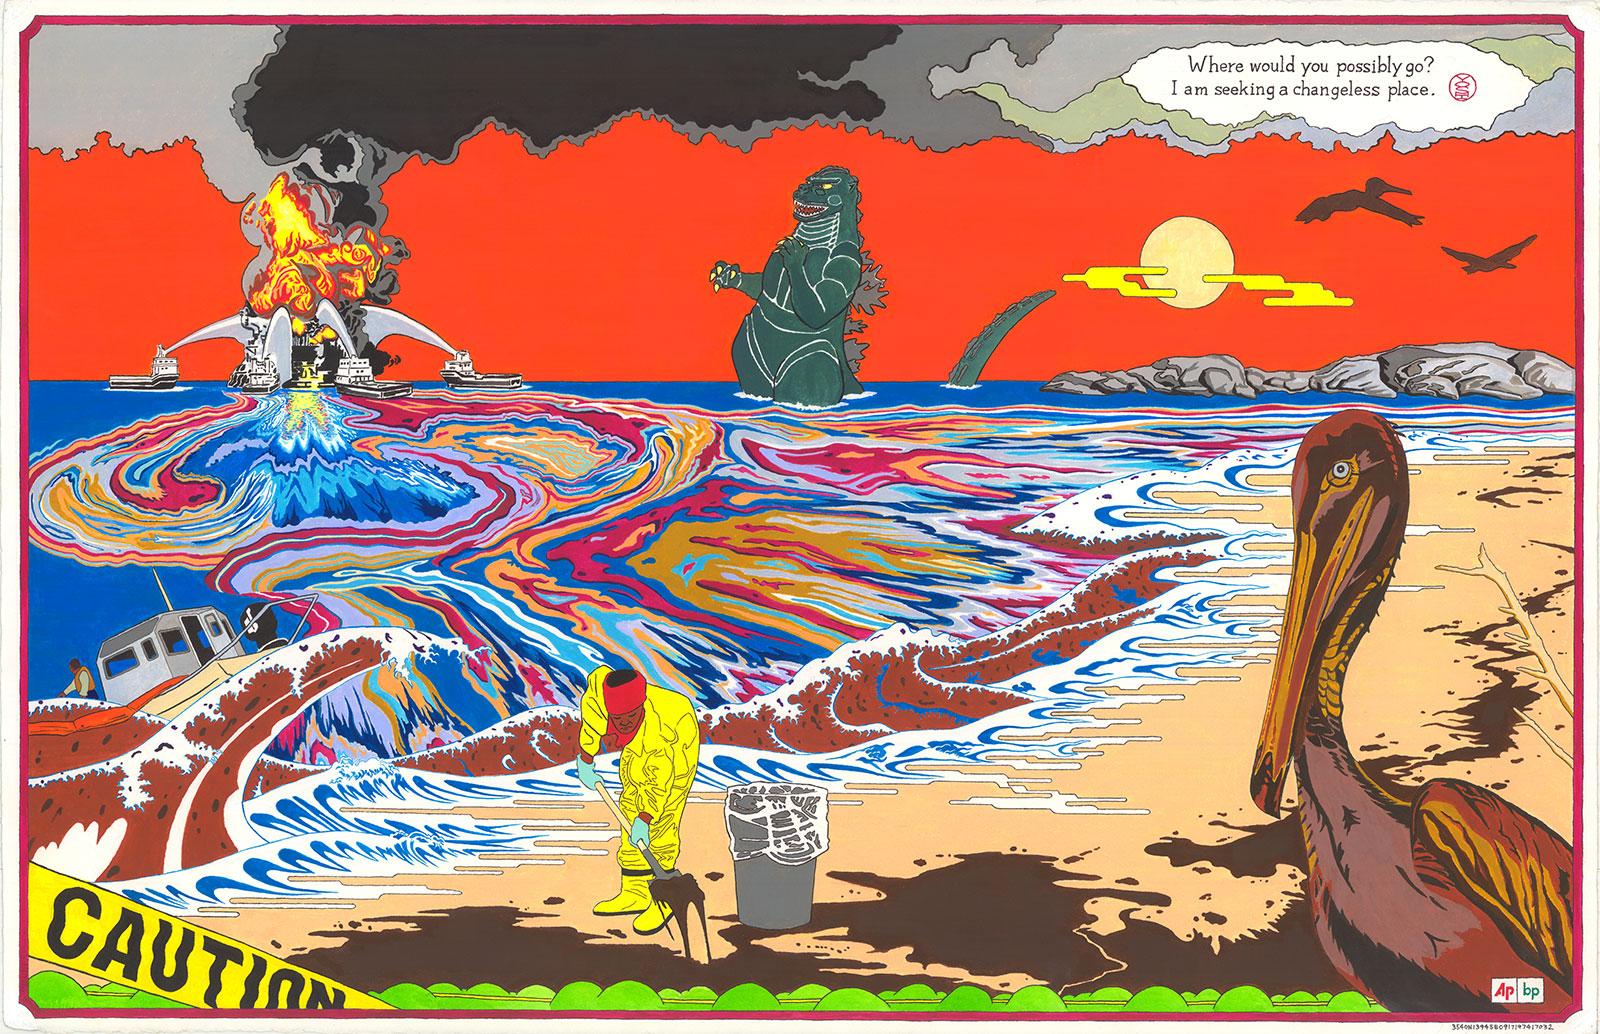 Jave Yoshimoto Art Works For Change